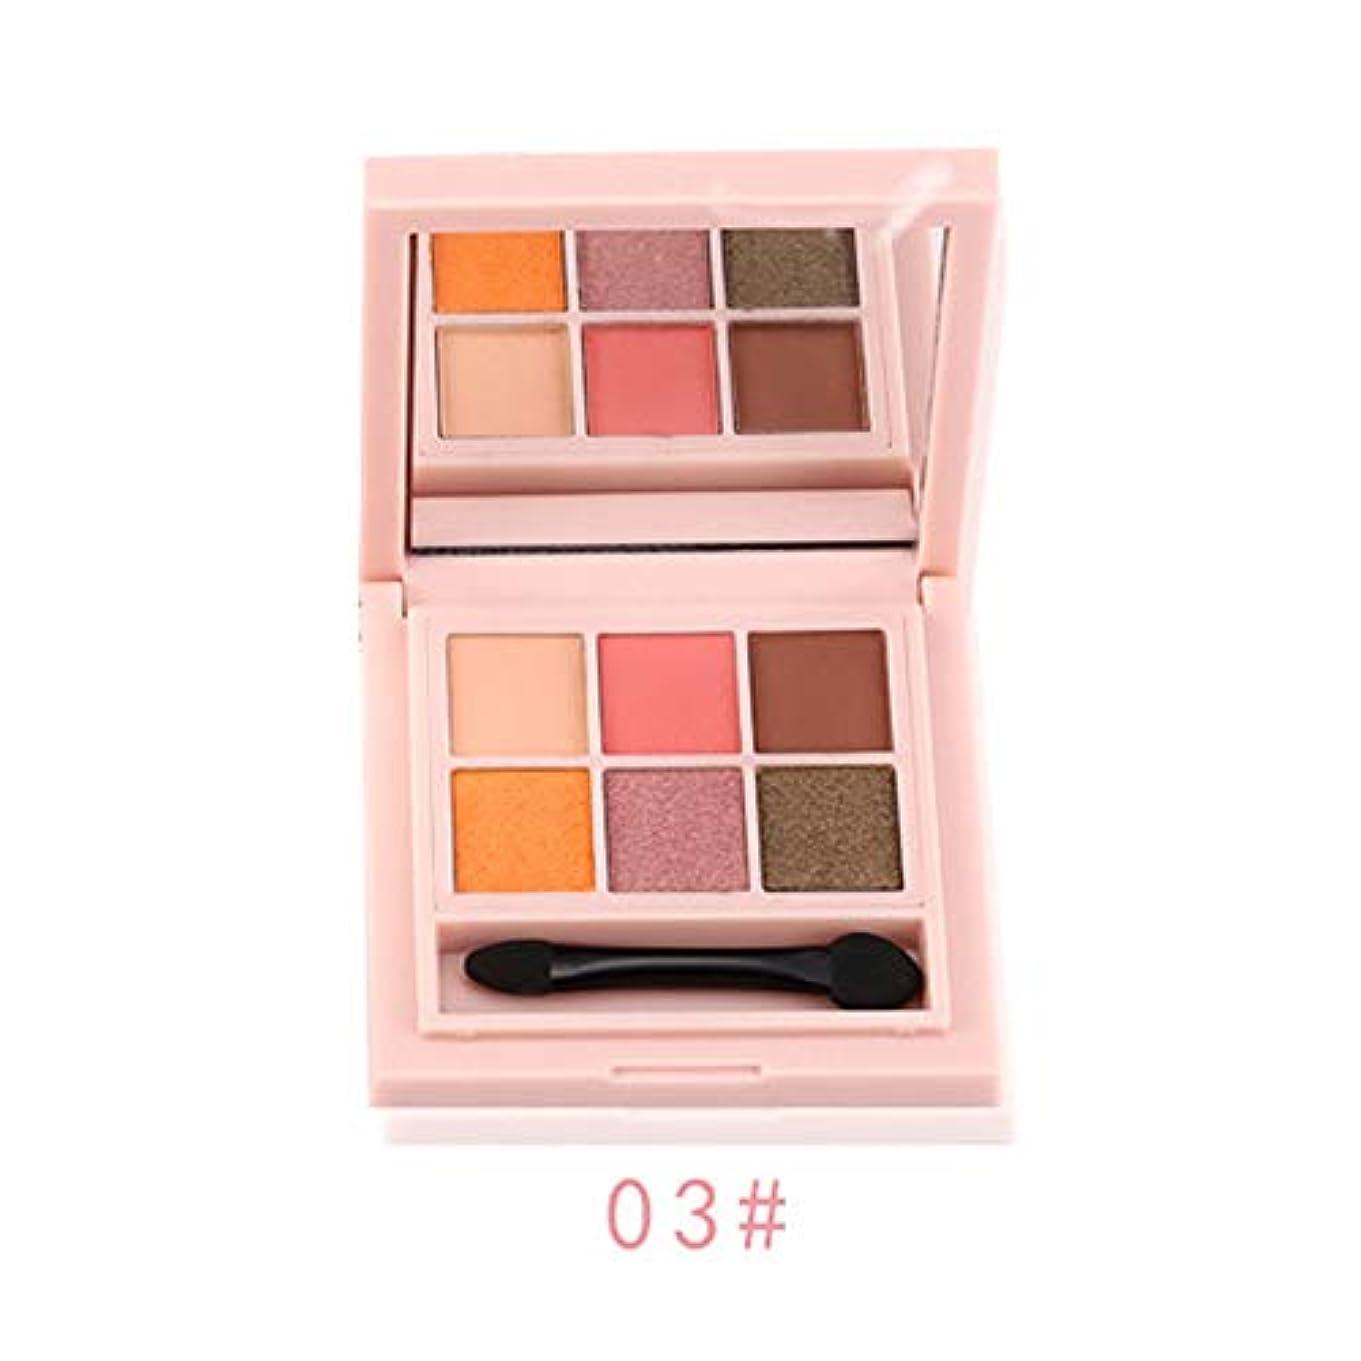 ルーフ名門お金6色入り アイシャドウ パレット Florrita 韓国風 Eye Palette 化粧ブラシ 落ちにくい 綺麗な発色 日常用 メイクアップセット キラキラ アイシャドー パレット パウダーアイシャドウ プレゼント (C)